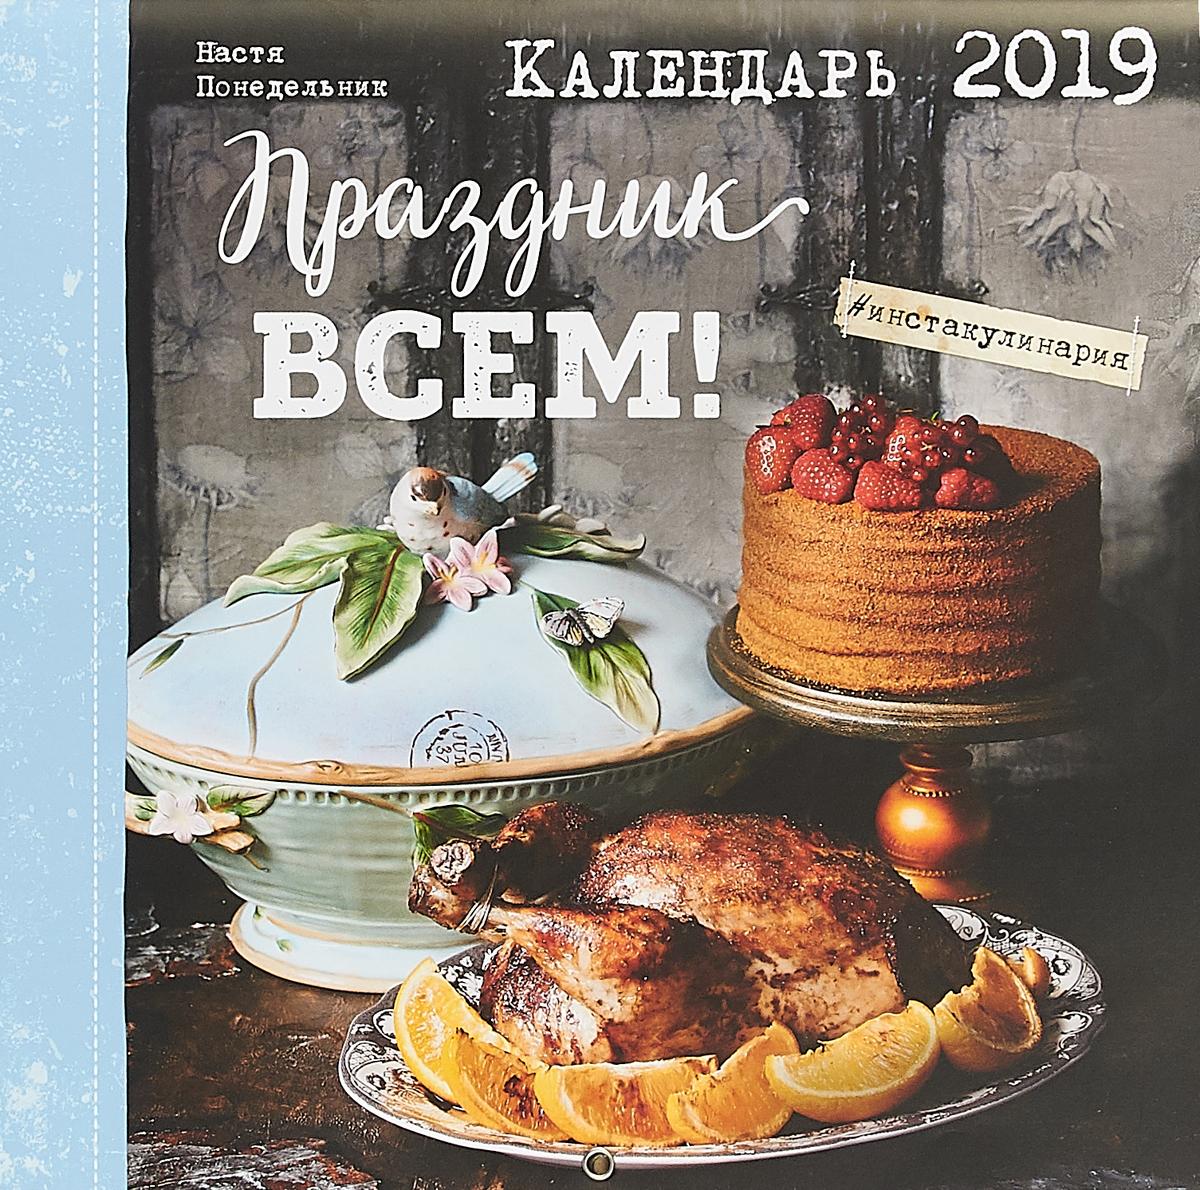 Календарь 2019. Праздник всем!